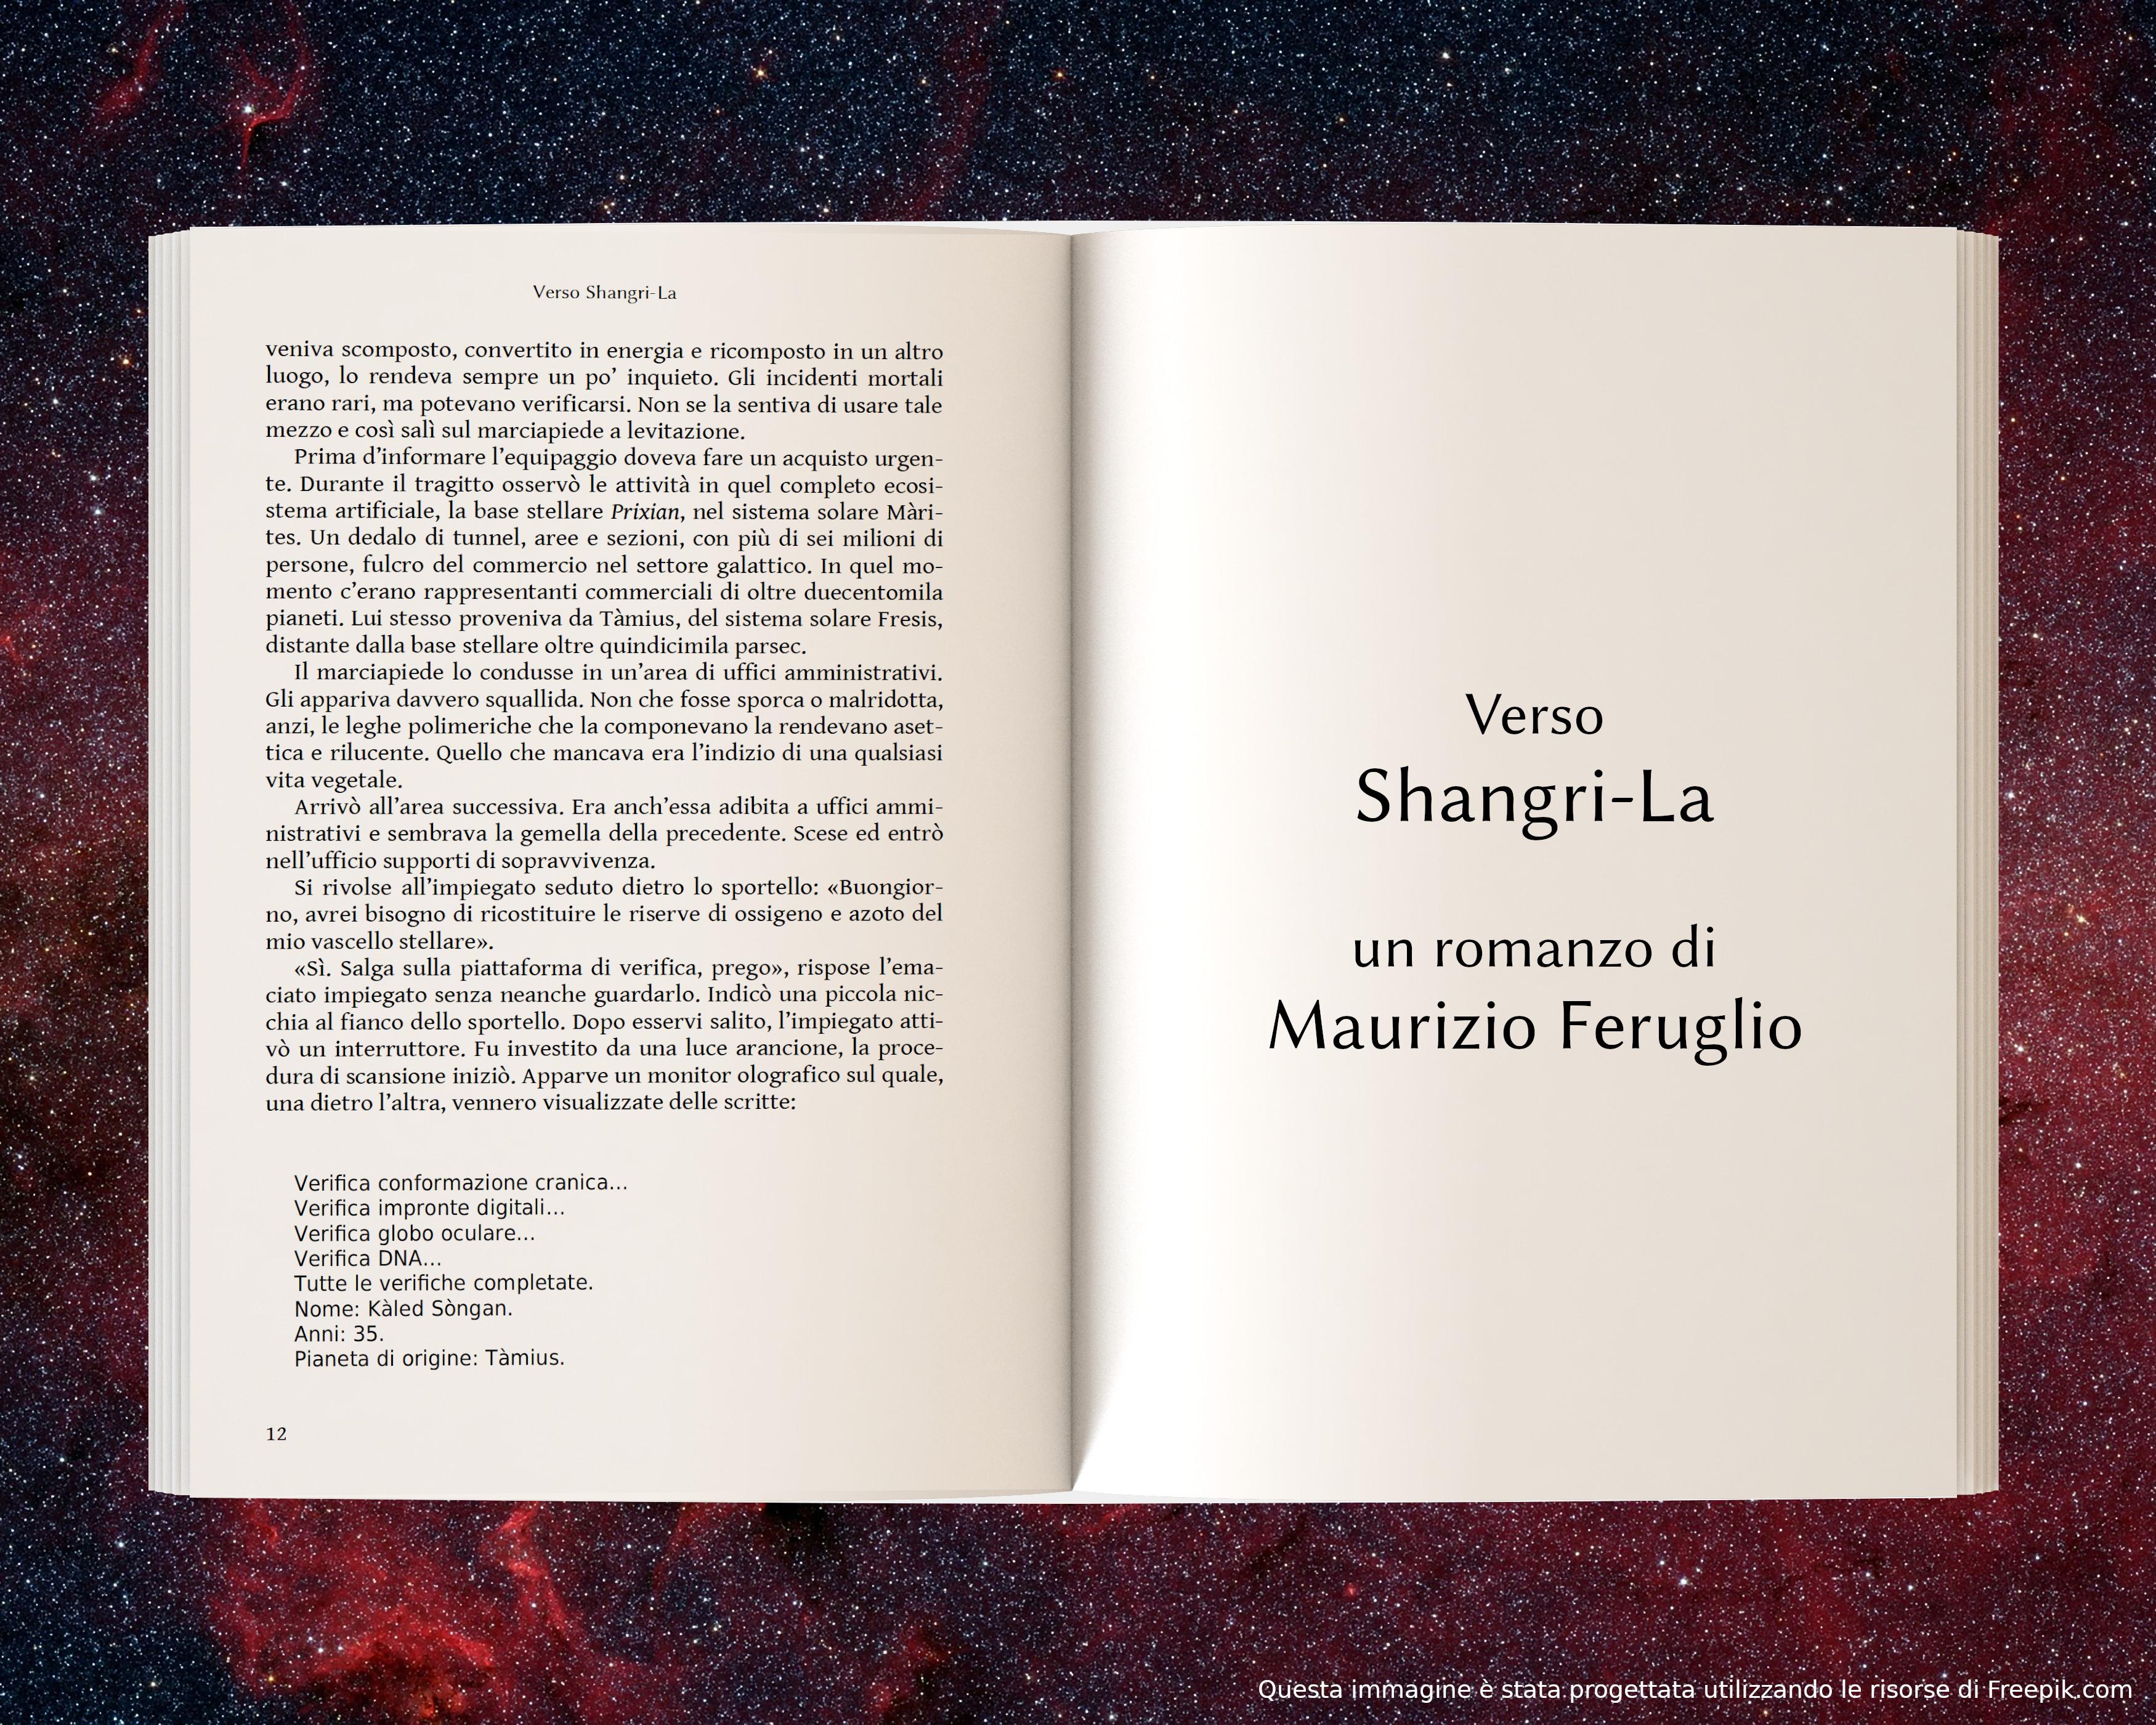 Prixian, parte seconda - anteprima di Verso Shangri-La di Maurizio Feruglio